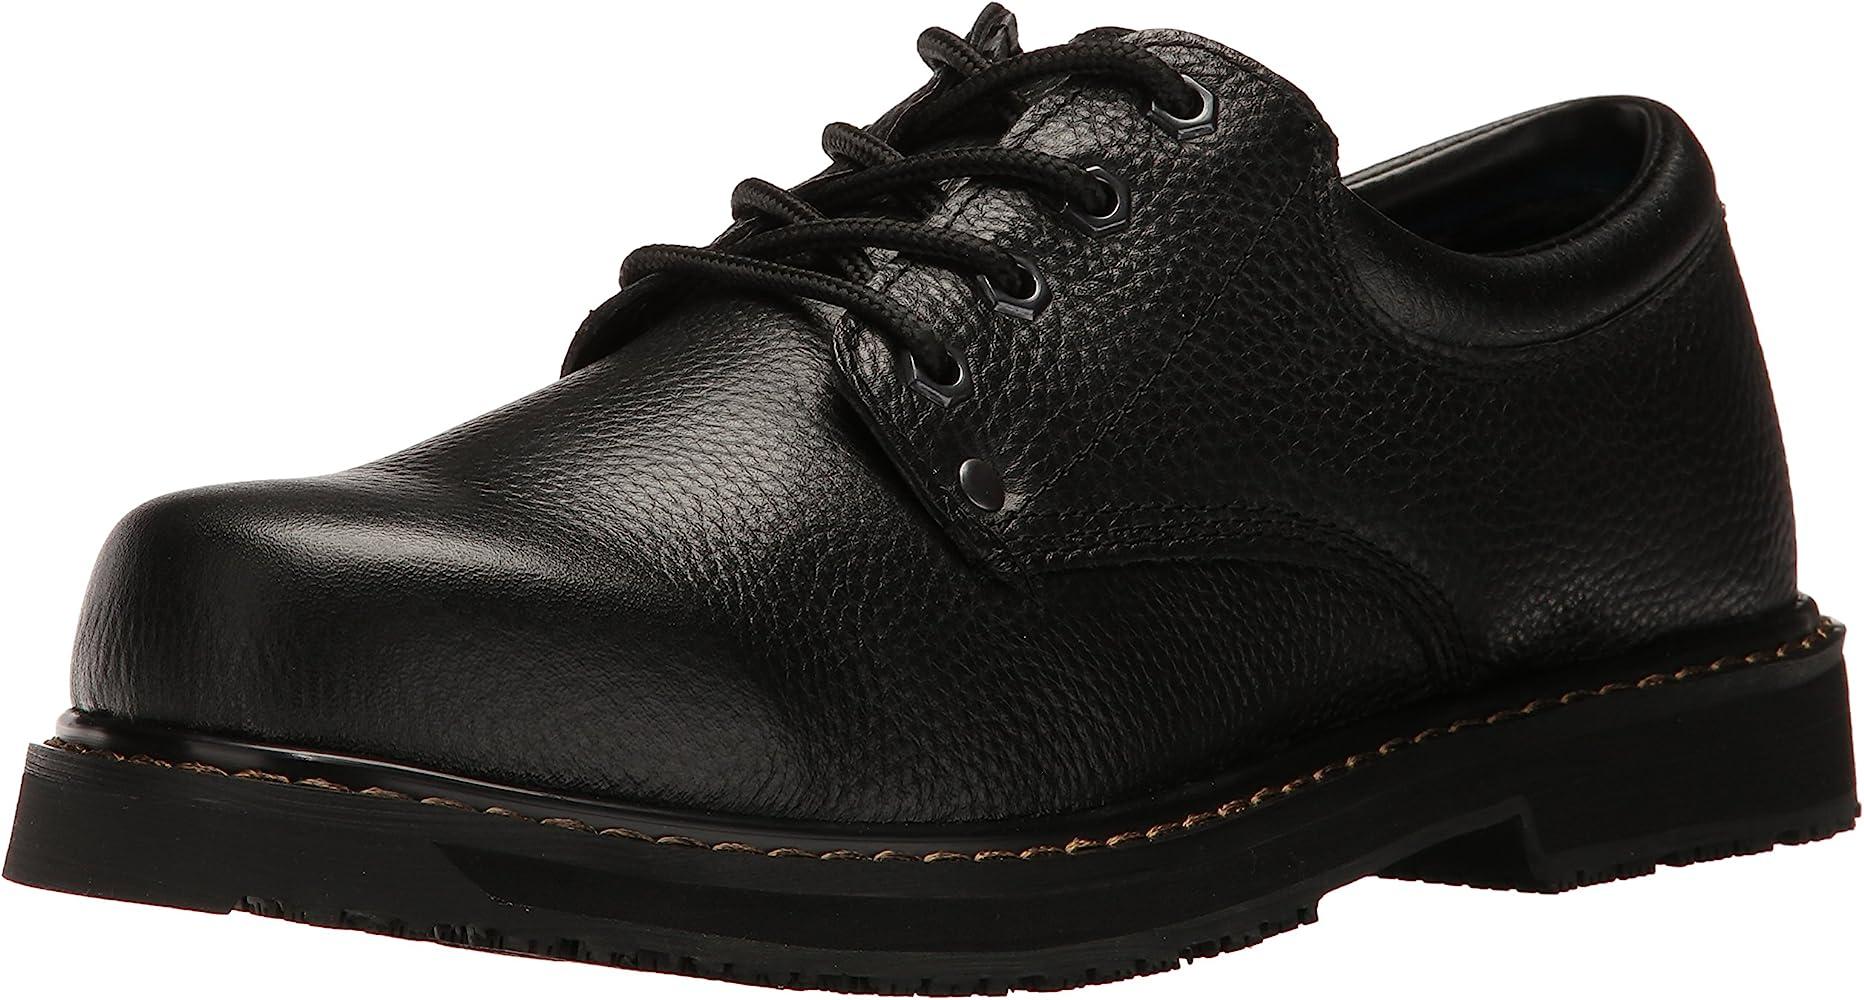 Shoes mens Harrington Ii Work Shoe